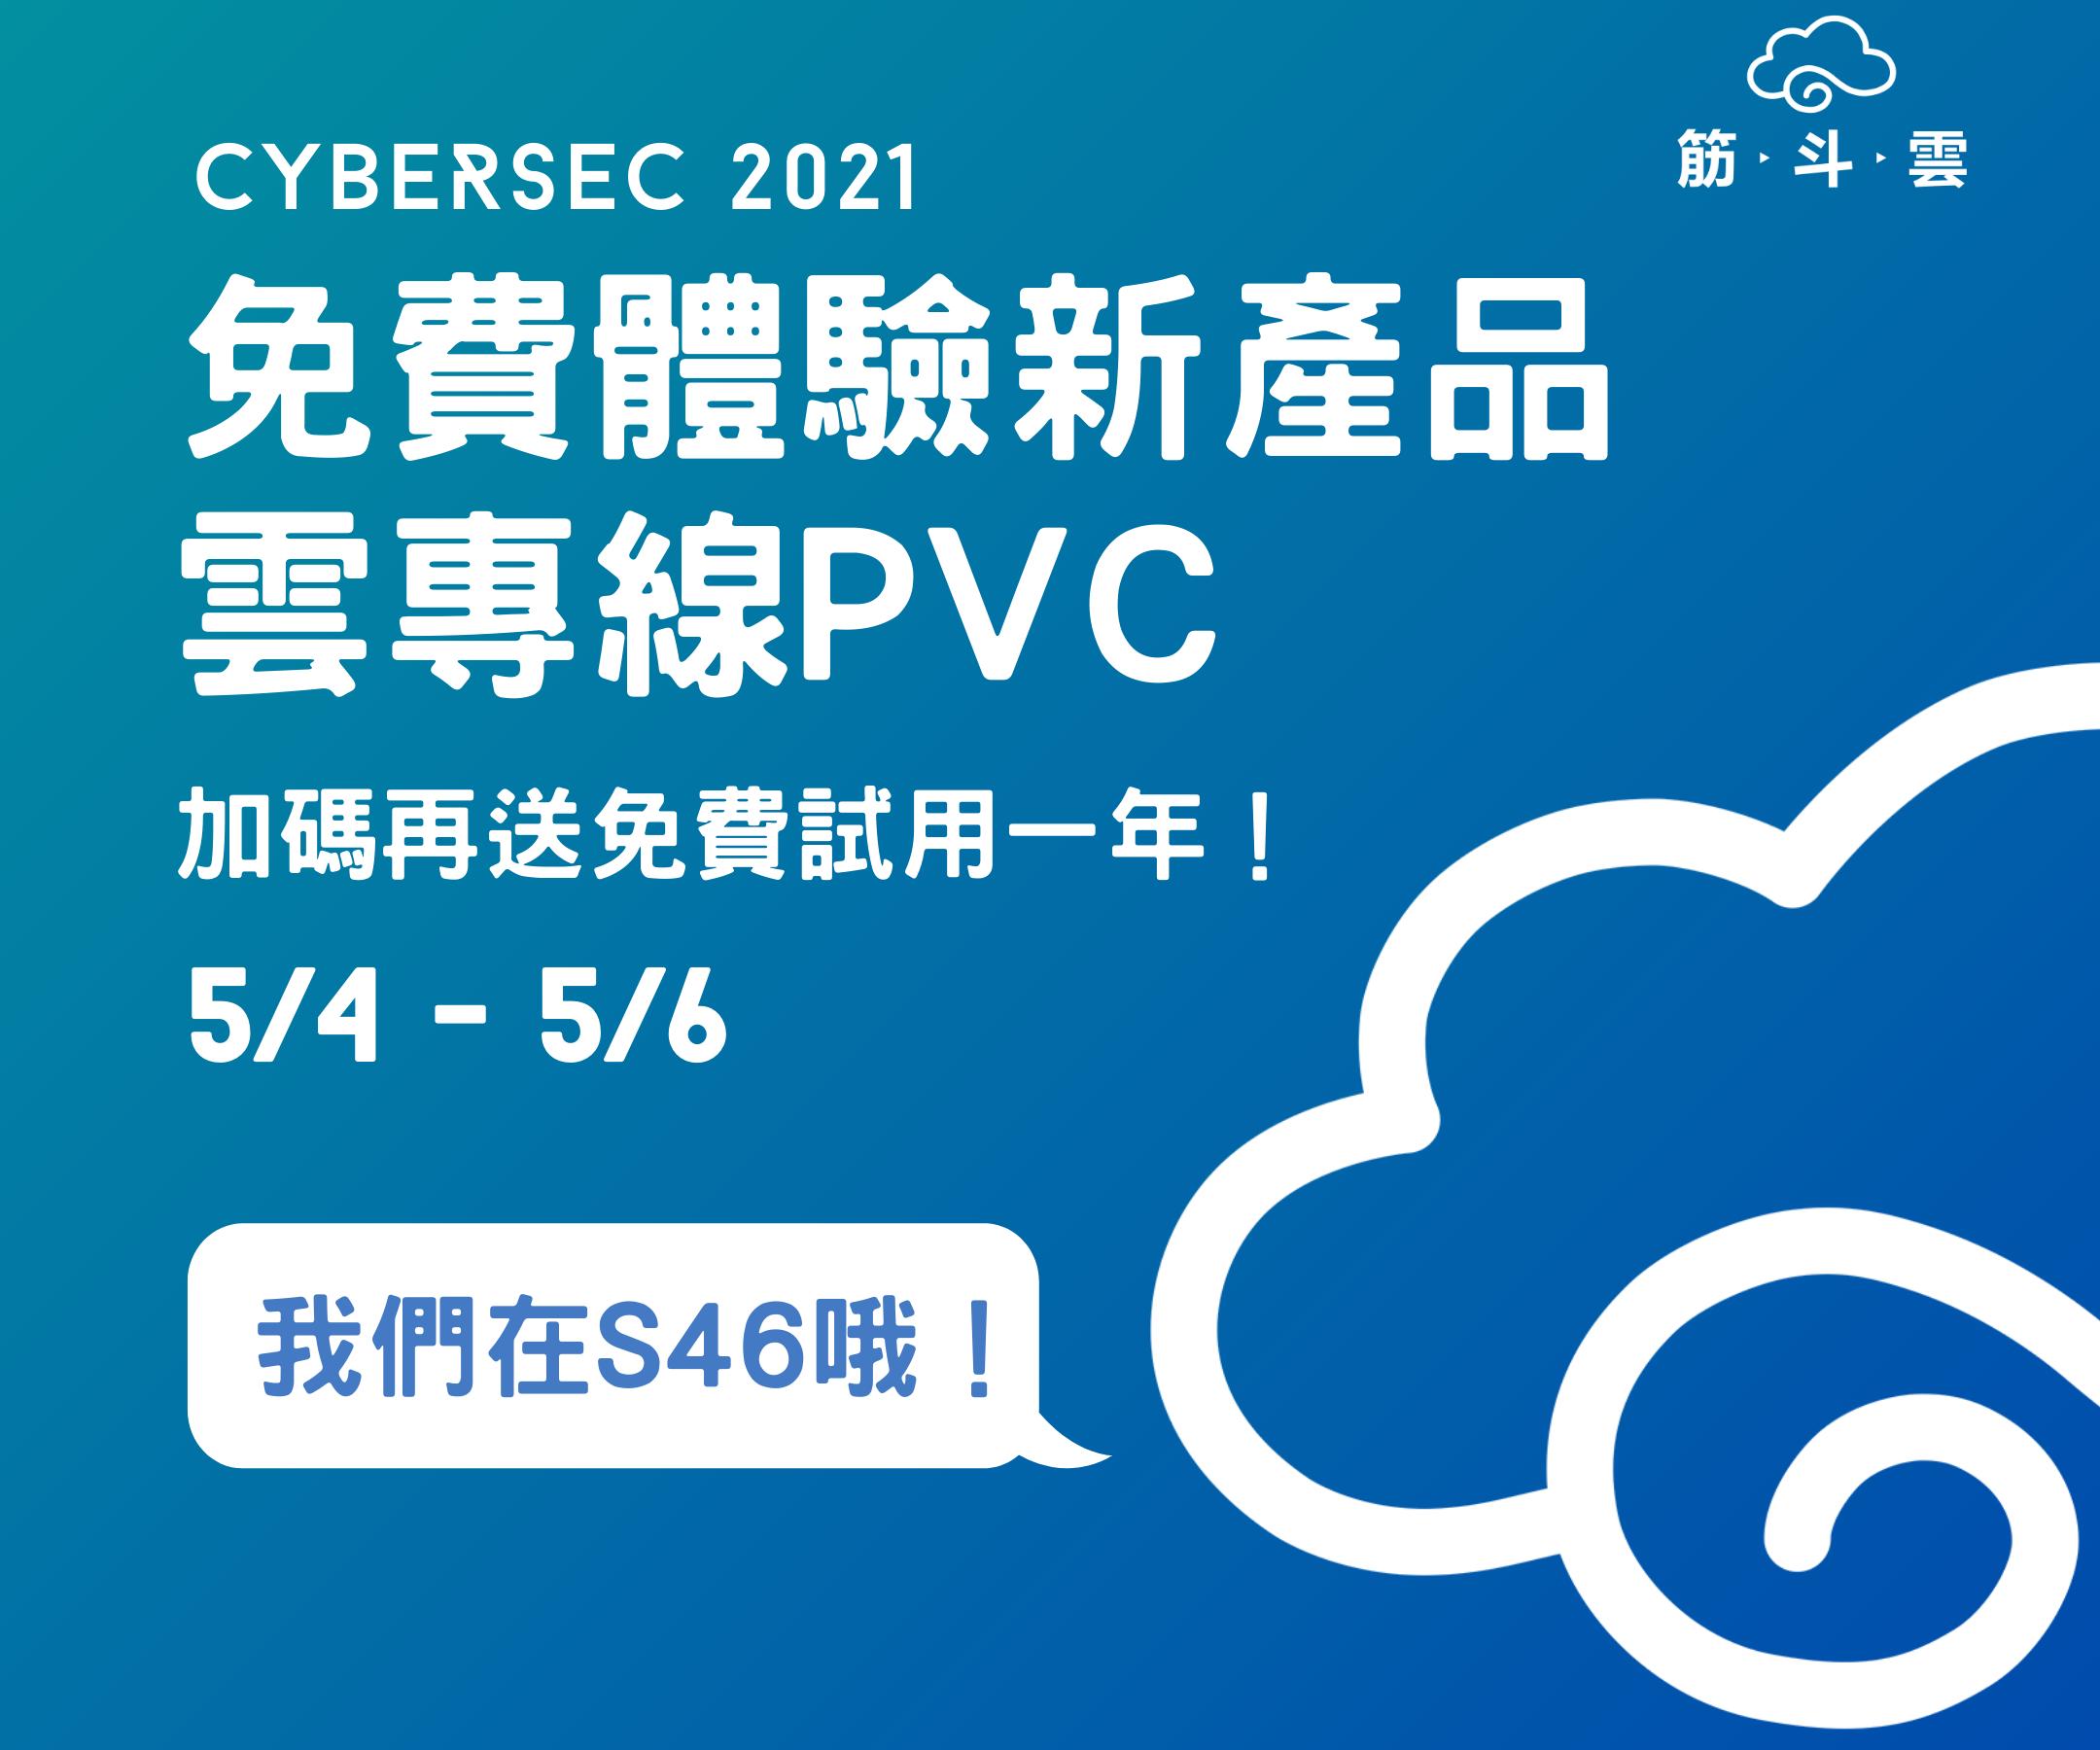 免費體驗「筋斗雲 2021 全新解決方案 - 雲專線 PVC」送限量首波好禮,加碼送免費試用一年!